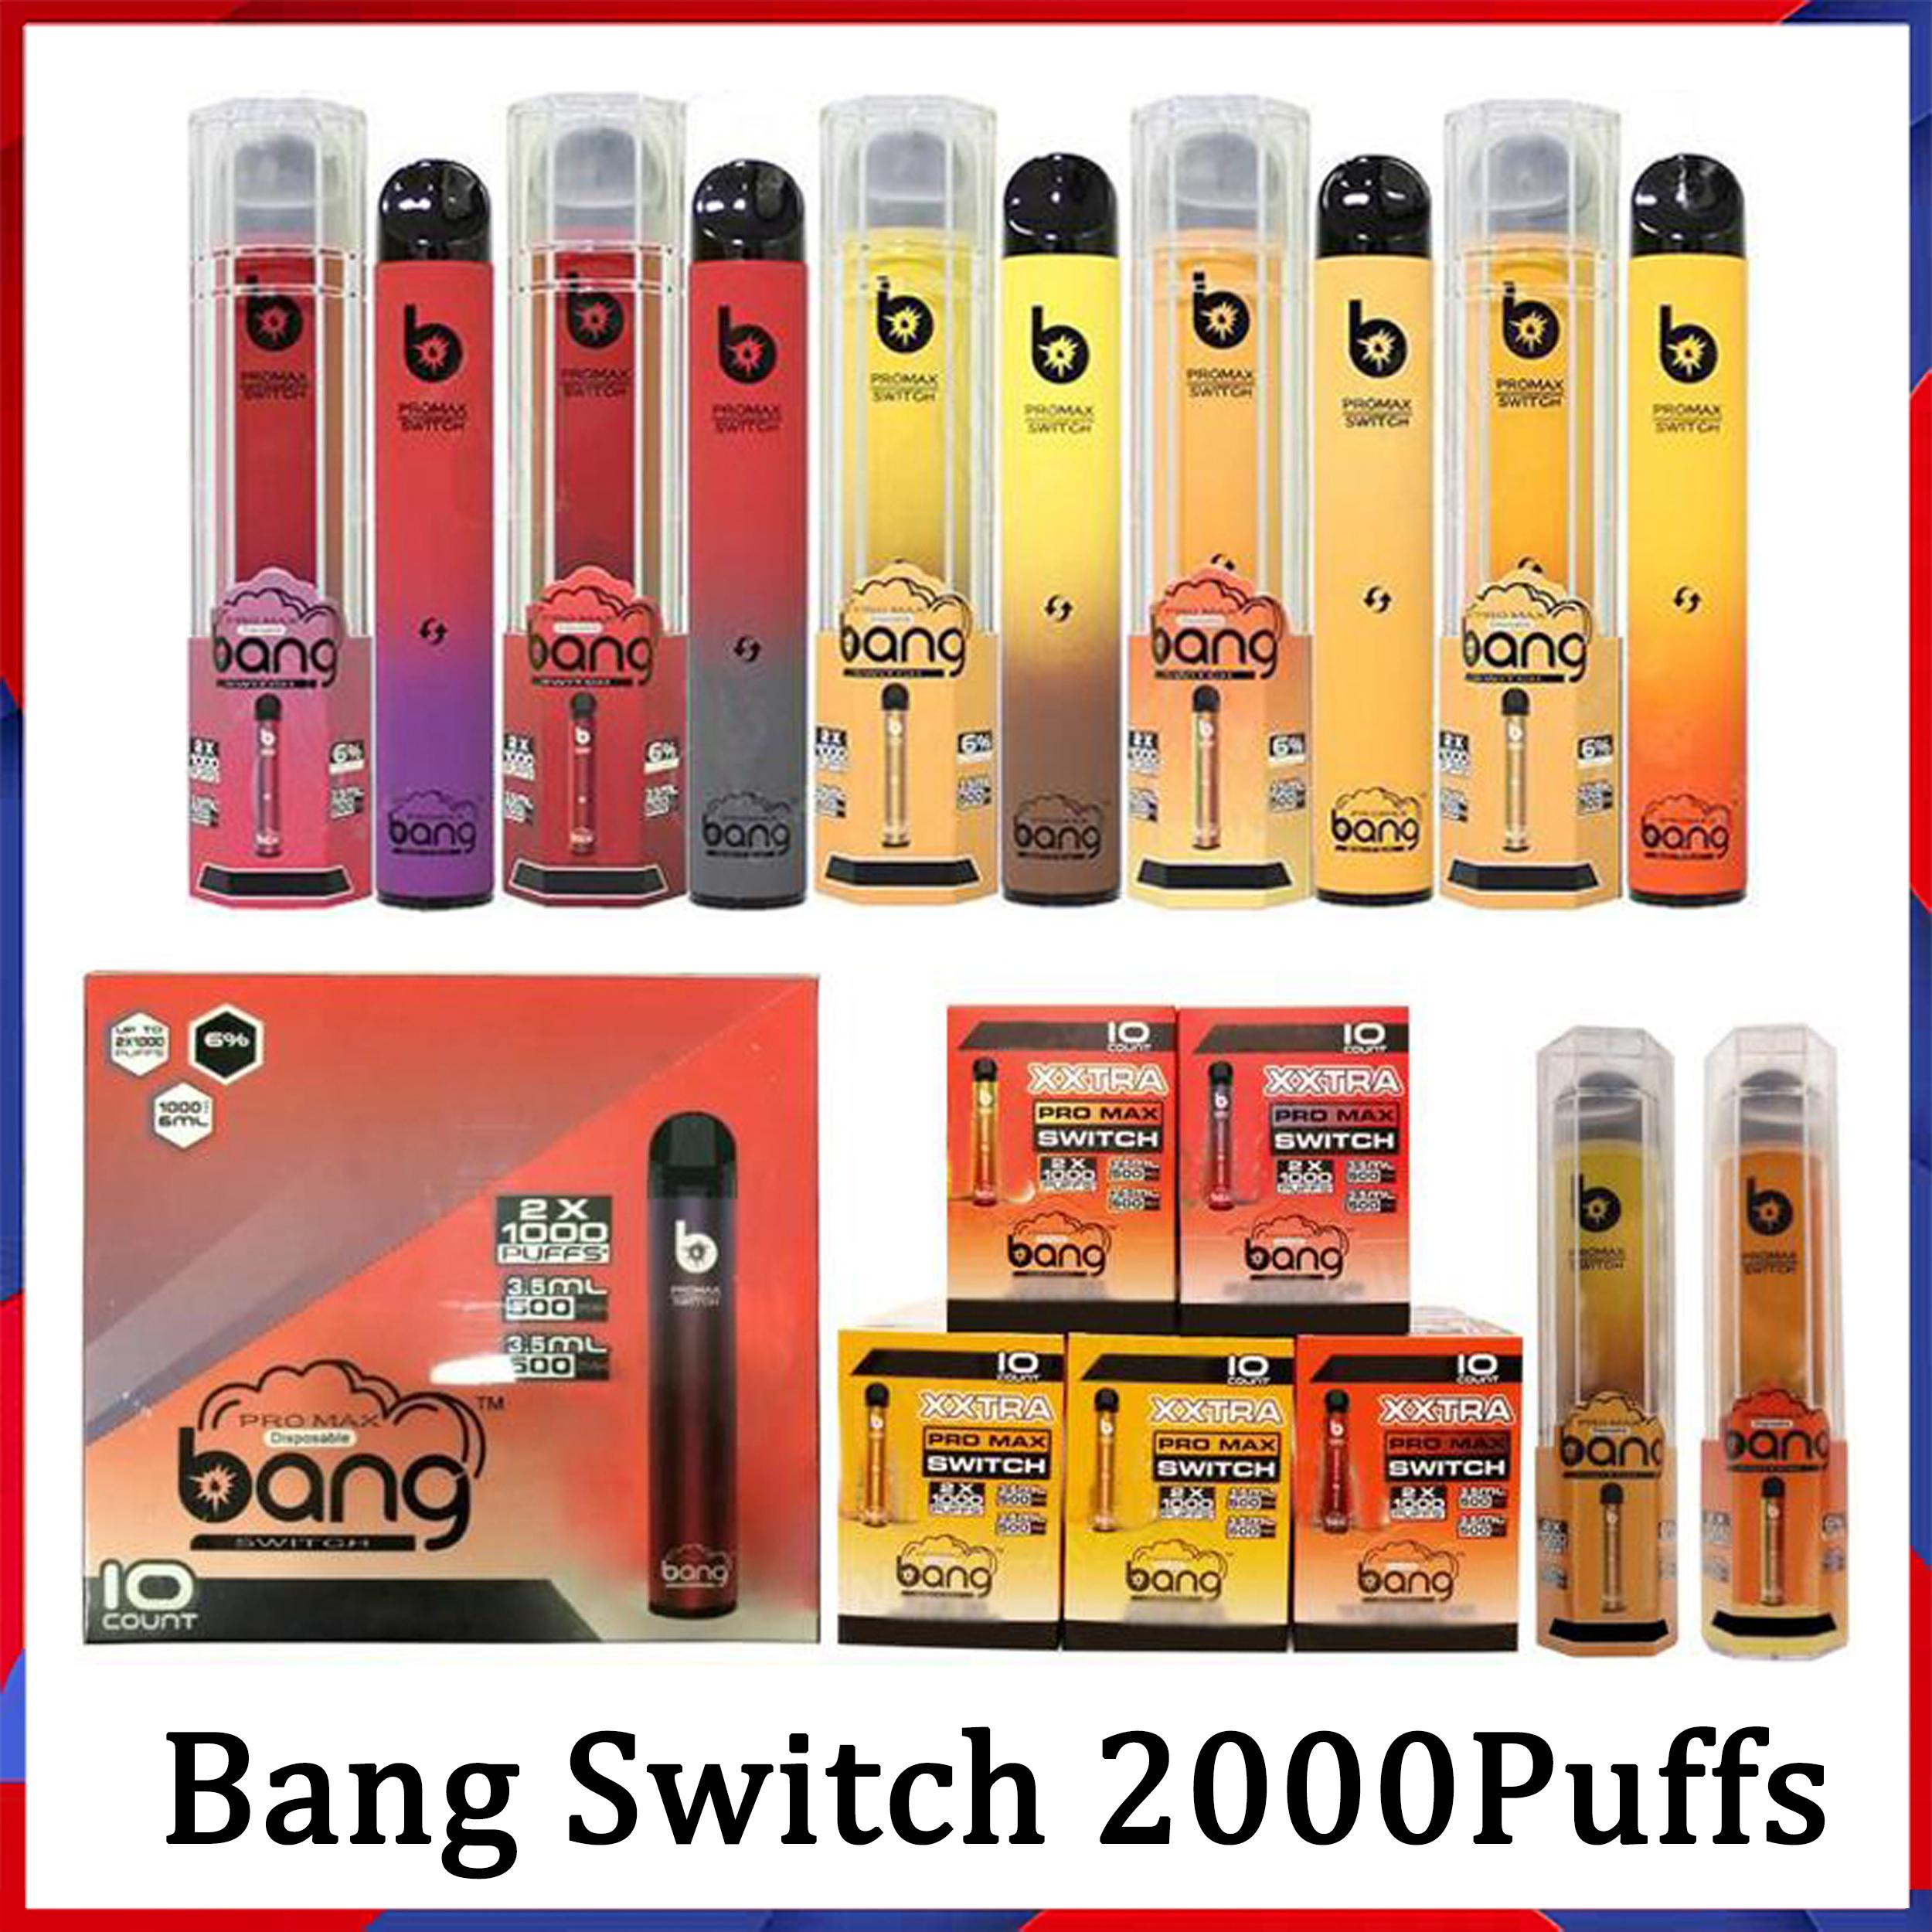 Bang XXL Pro Max Anahtarı 2 in 1 Çift Pods Tek Kullanımlık E Sigara 1000 + 1000 Puffs Vape Kalem Kartuşu 2in1 Buharlaştırıcı Puf Labs Canavar